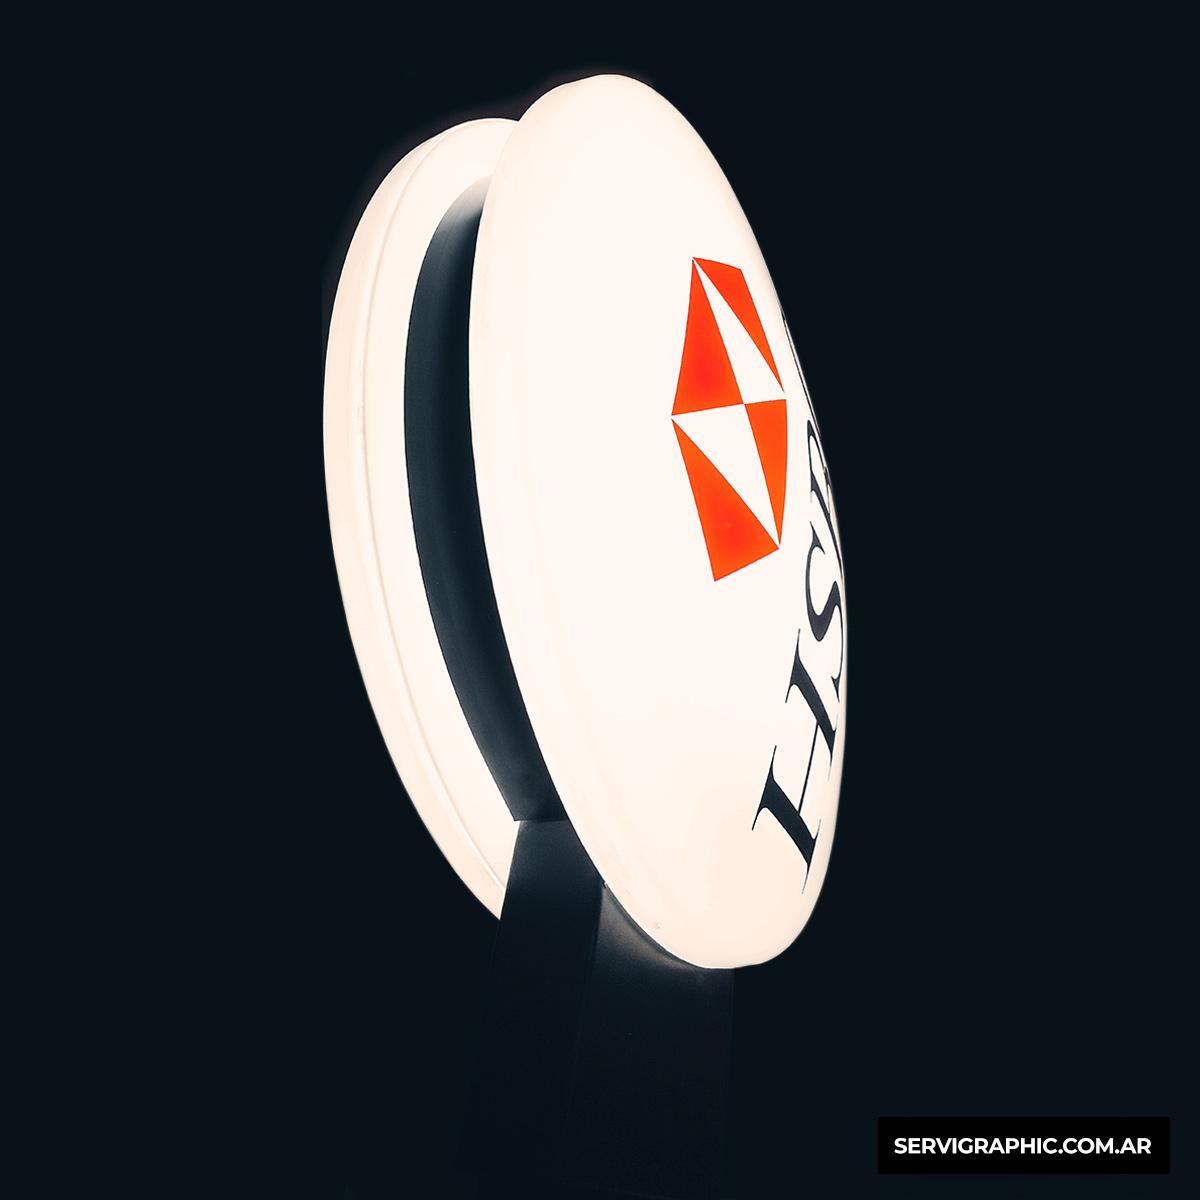 Cartel circular de acrilico de formar banco hsbc córdoba servigraphic carteles